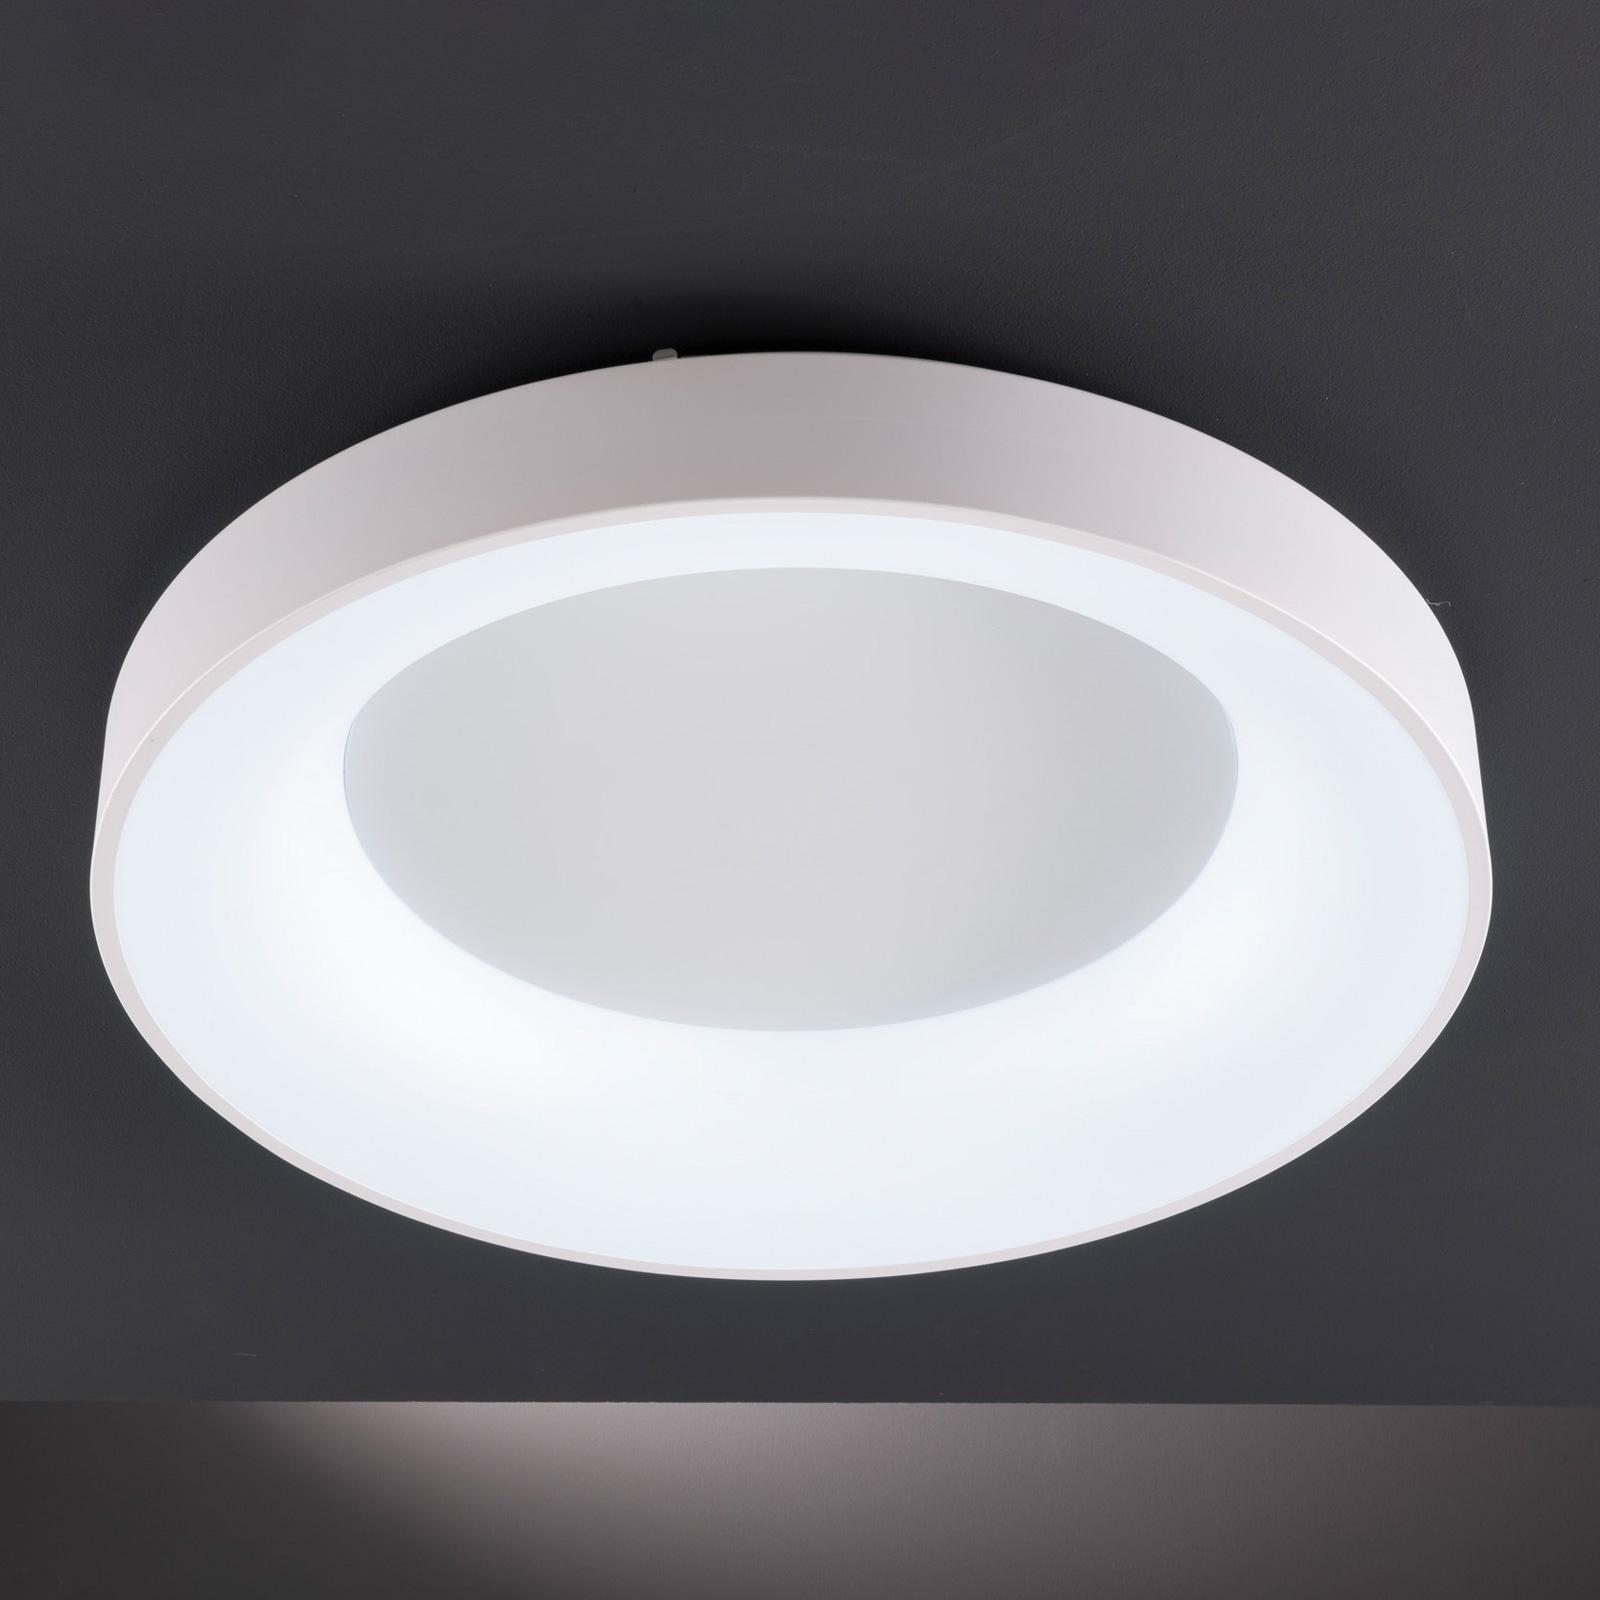 LED plafondlamp Cameron m. afstandsbed, Ø45cm